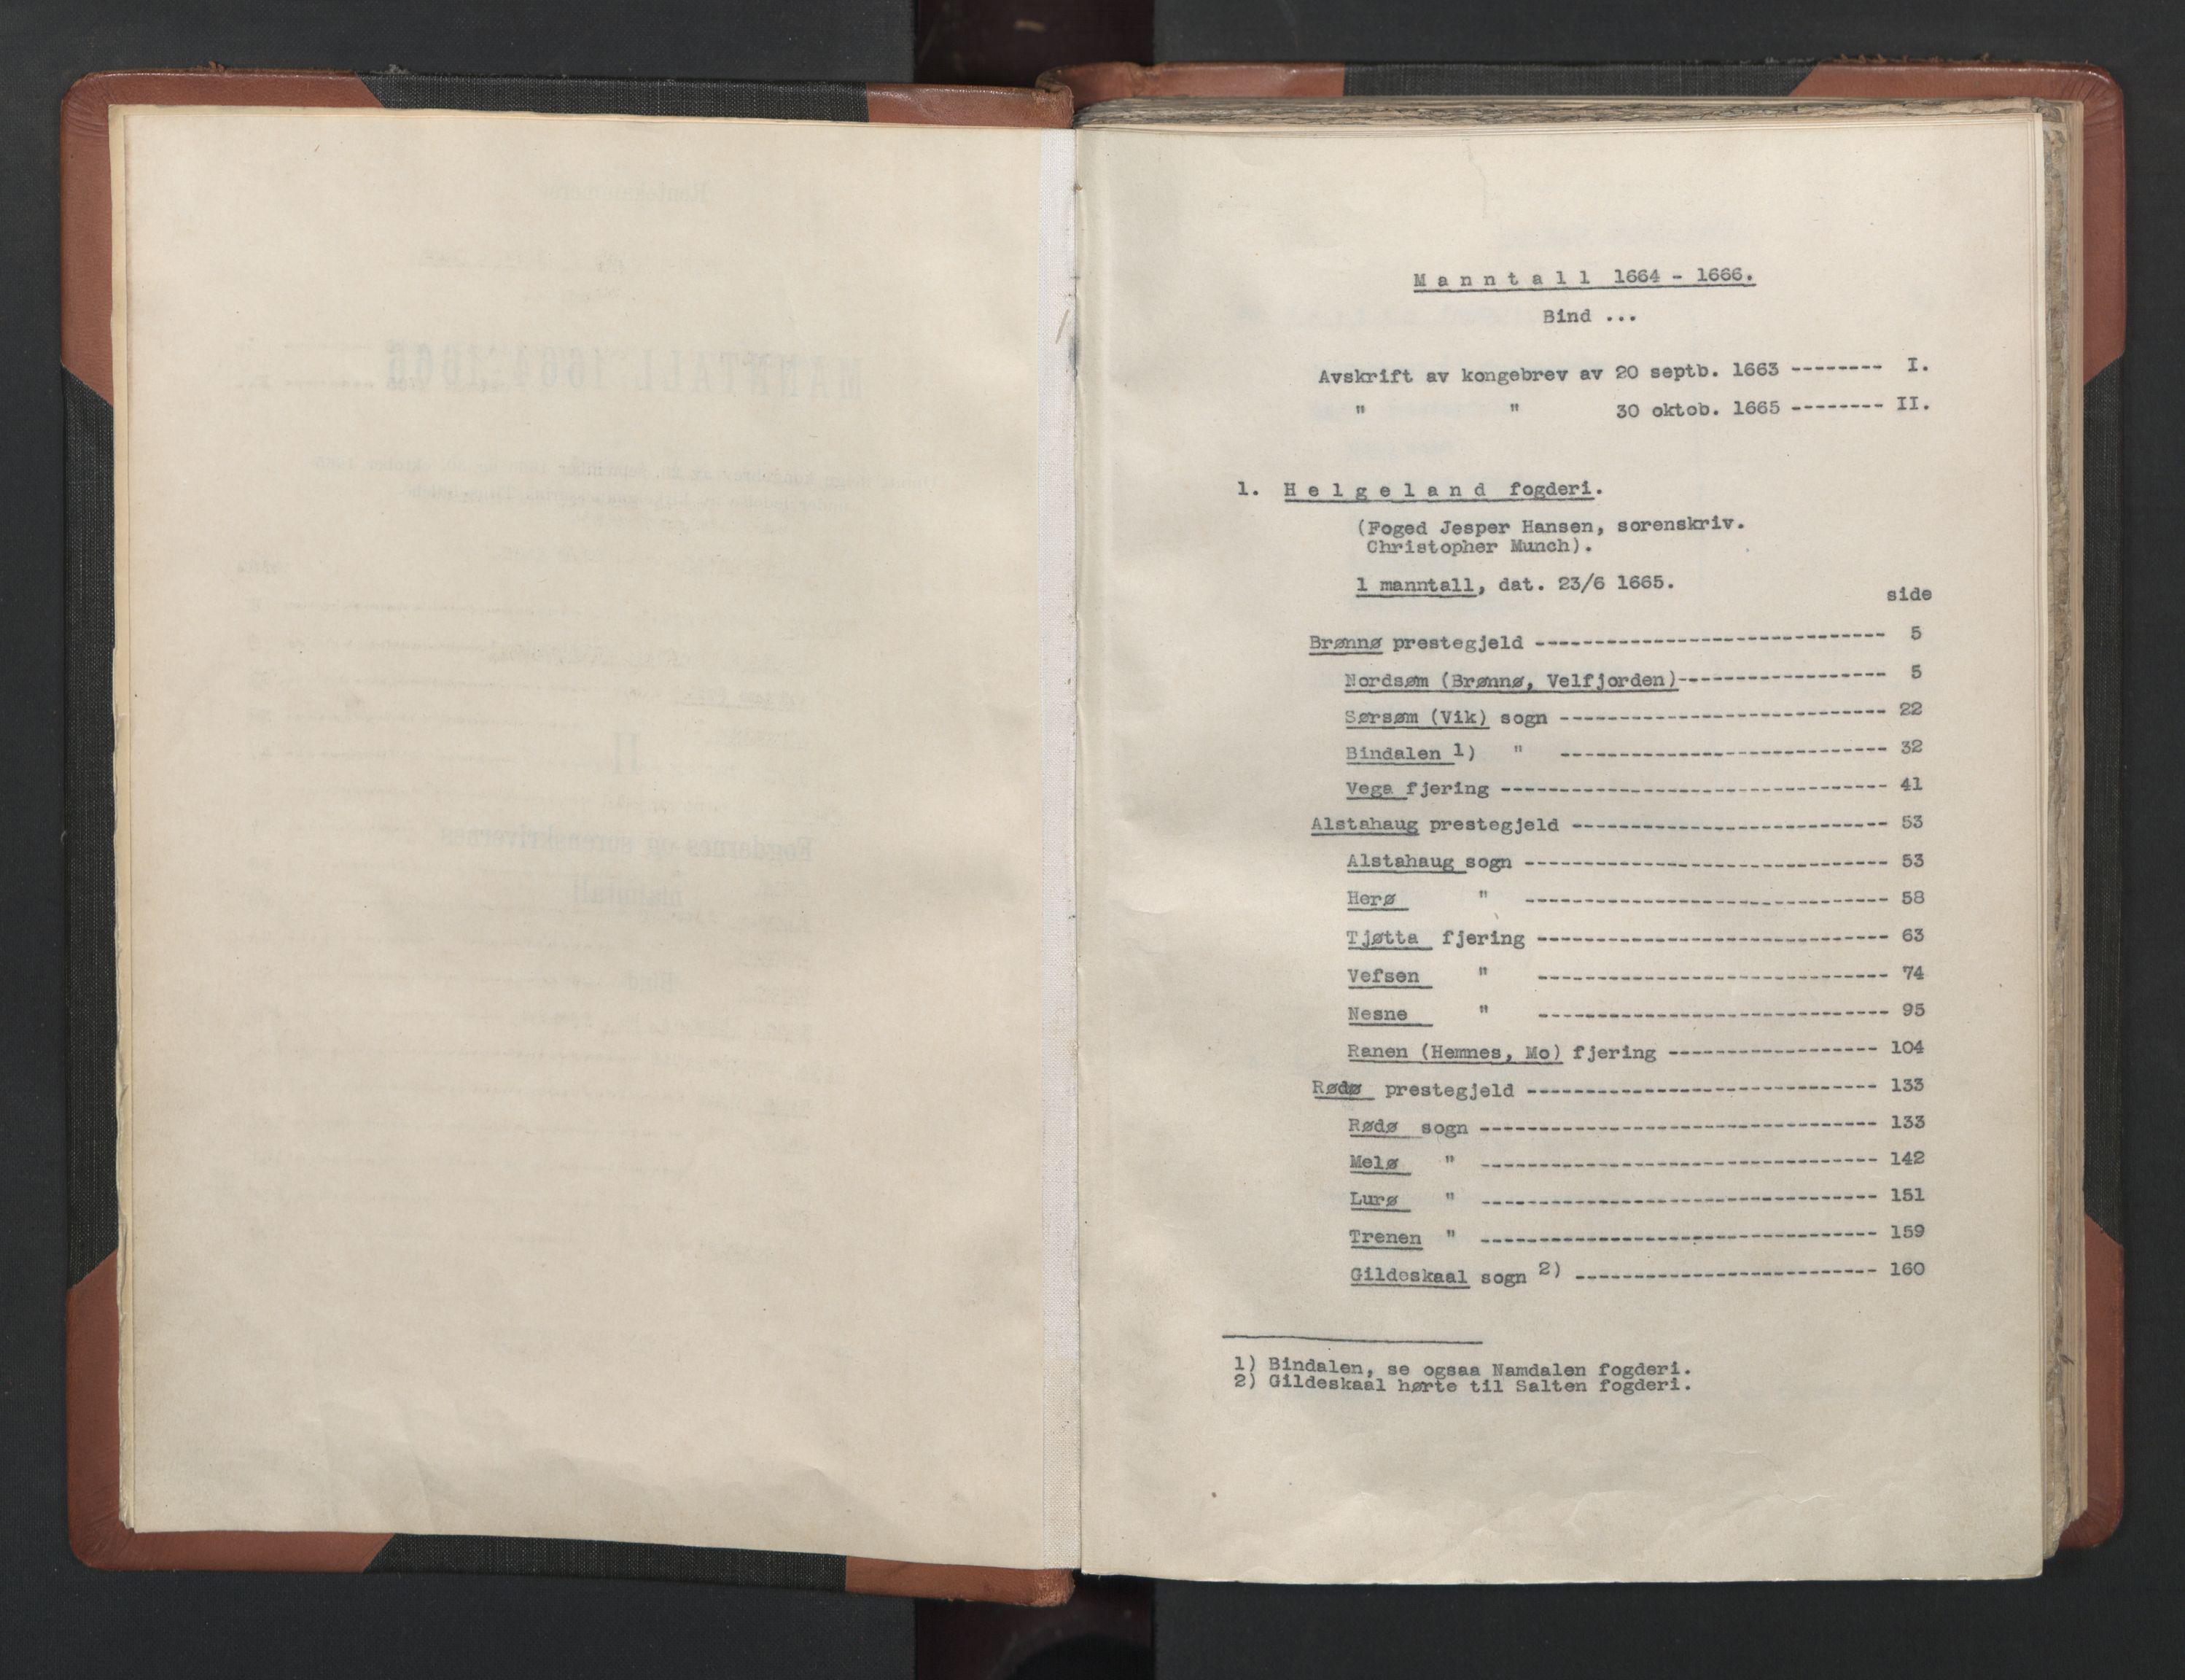 RA, Fogdenes og sorenskrivernes manntall 1664-1666, nr. 20: Fogderier (len og skipreider) i nåværende Nordland fylke, Troms fylke og Finnmark fylke, 1665, s. upaginert